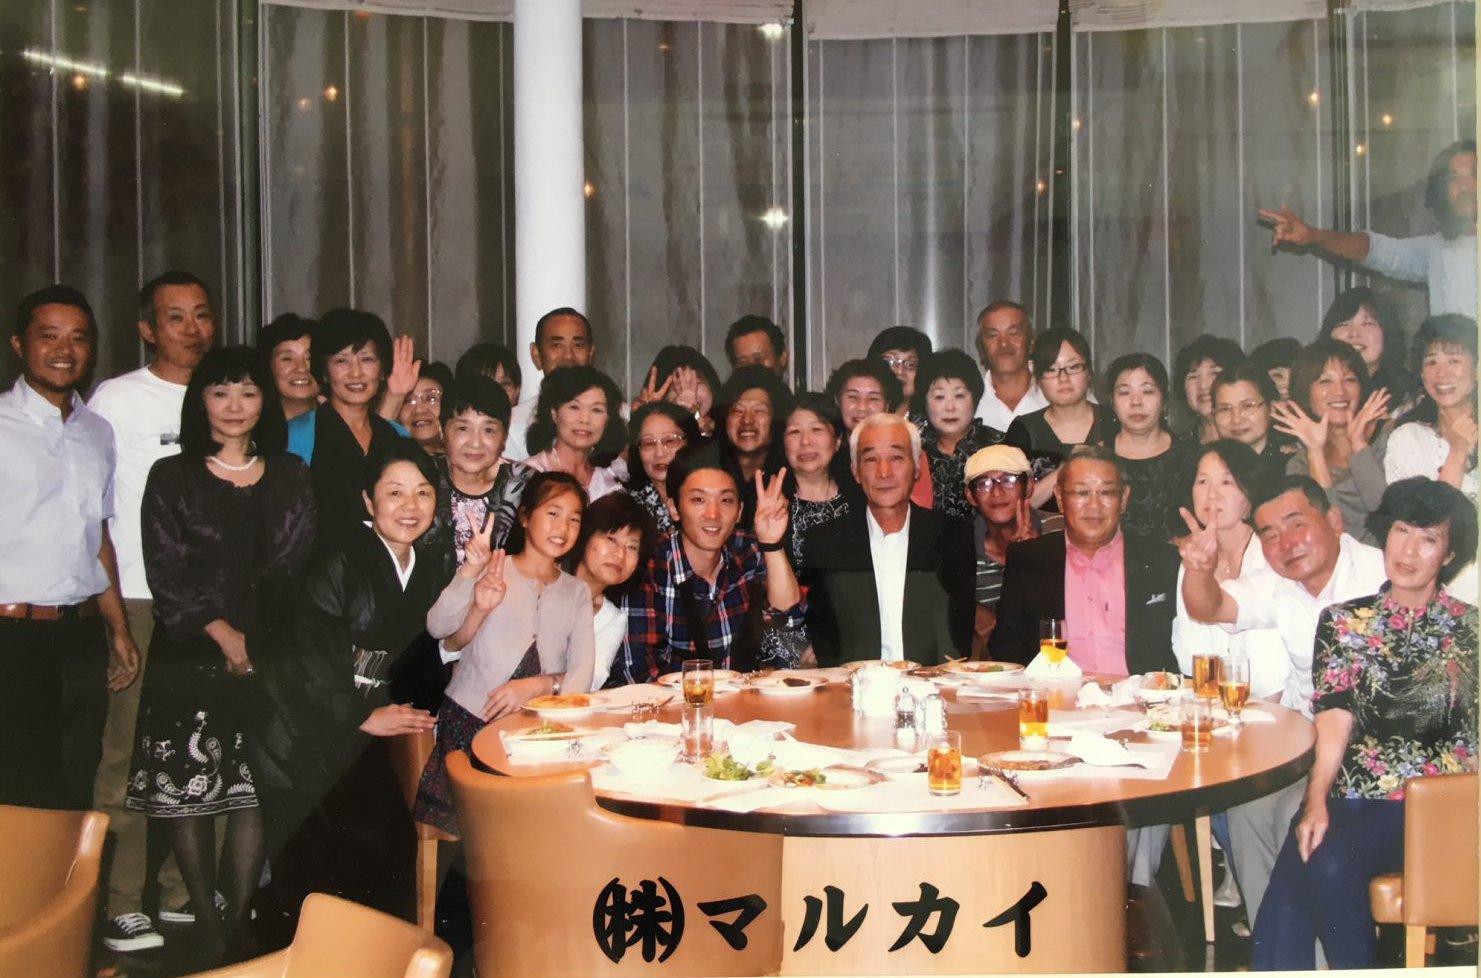 マルタ水産の皆さんと静岡の支援企業の集合写真